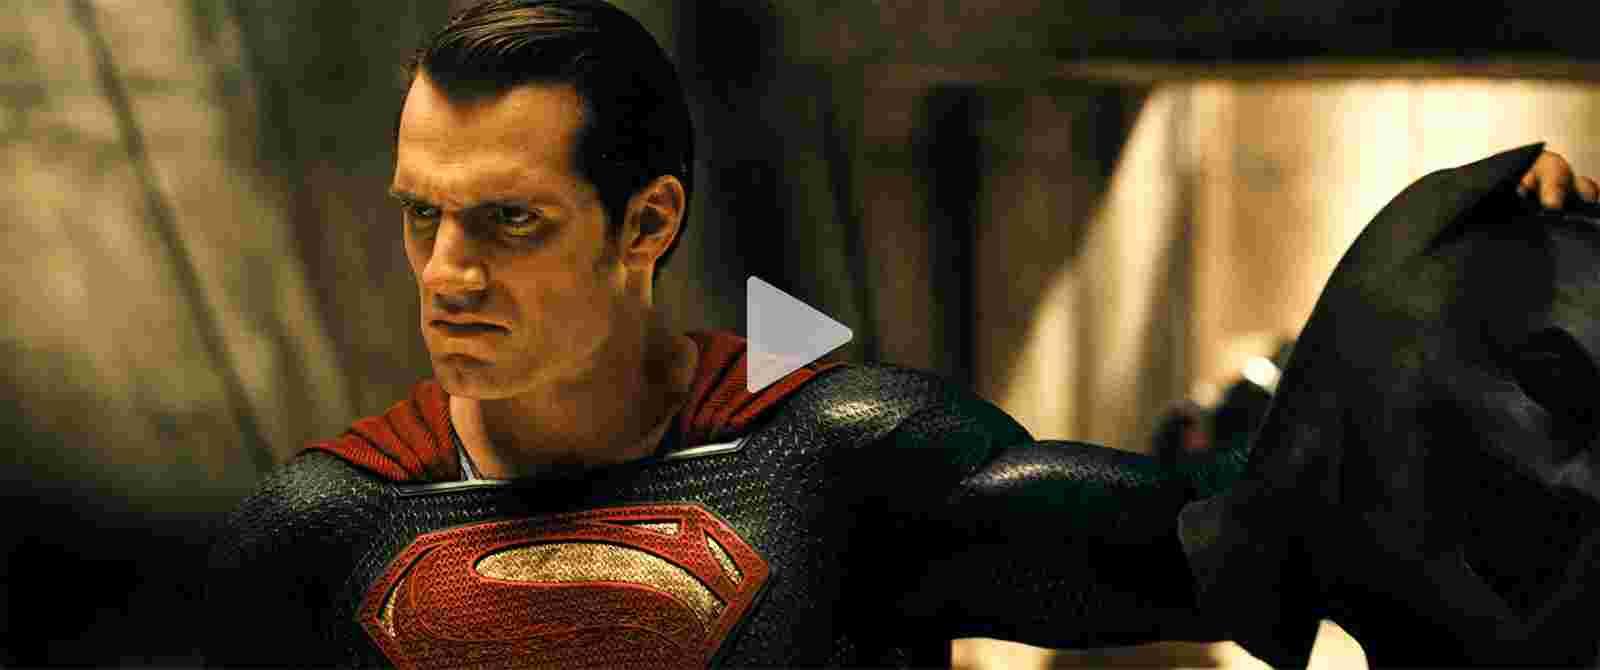 Огляд фільму Бетмен проти Супермена: Світанок справедливості | Batman v Superman: Dawn of Justice